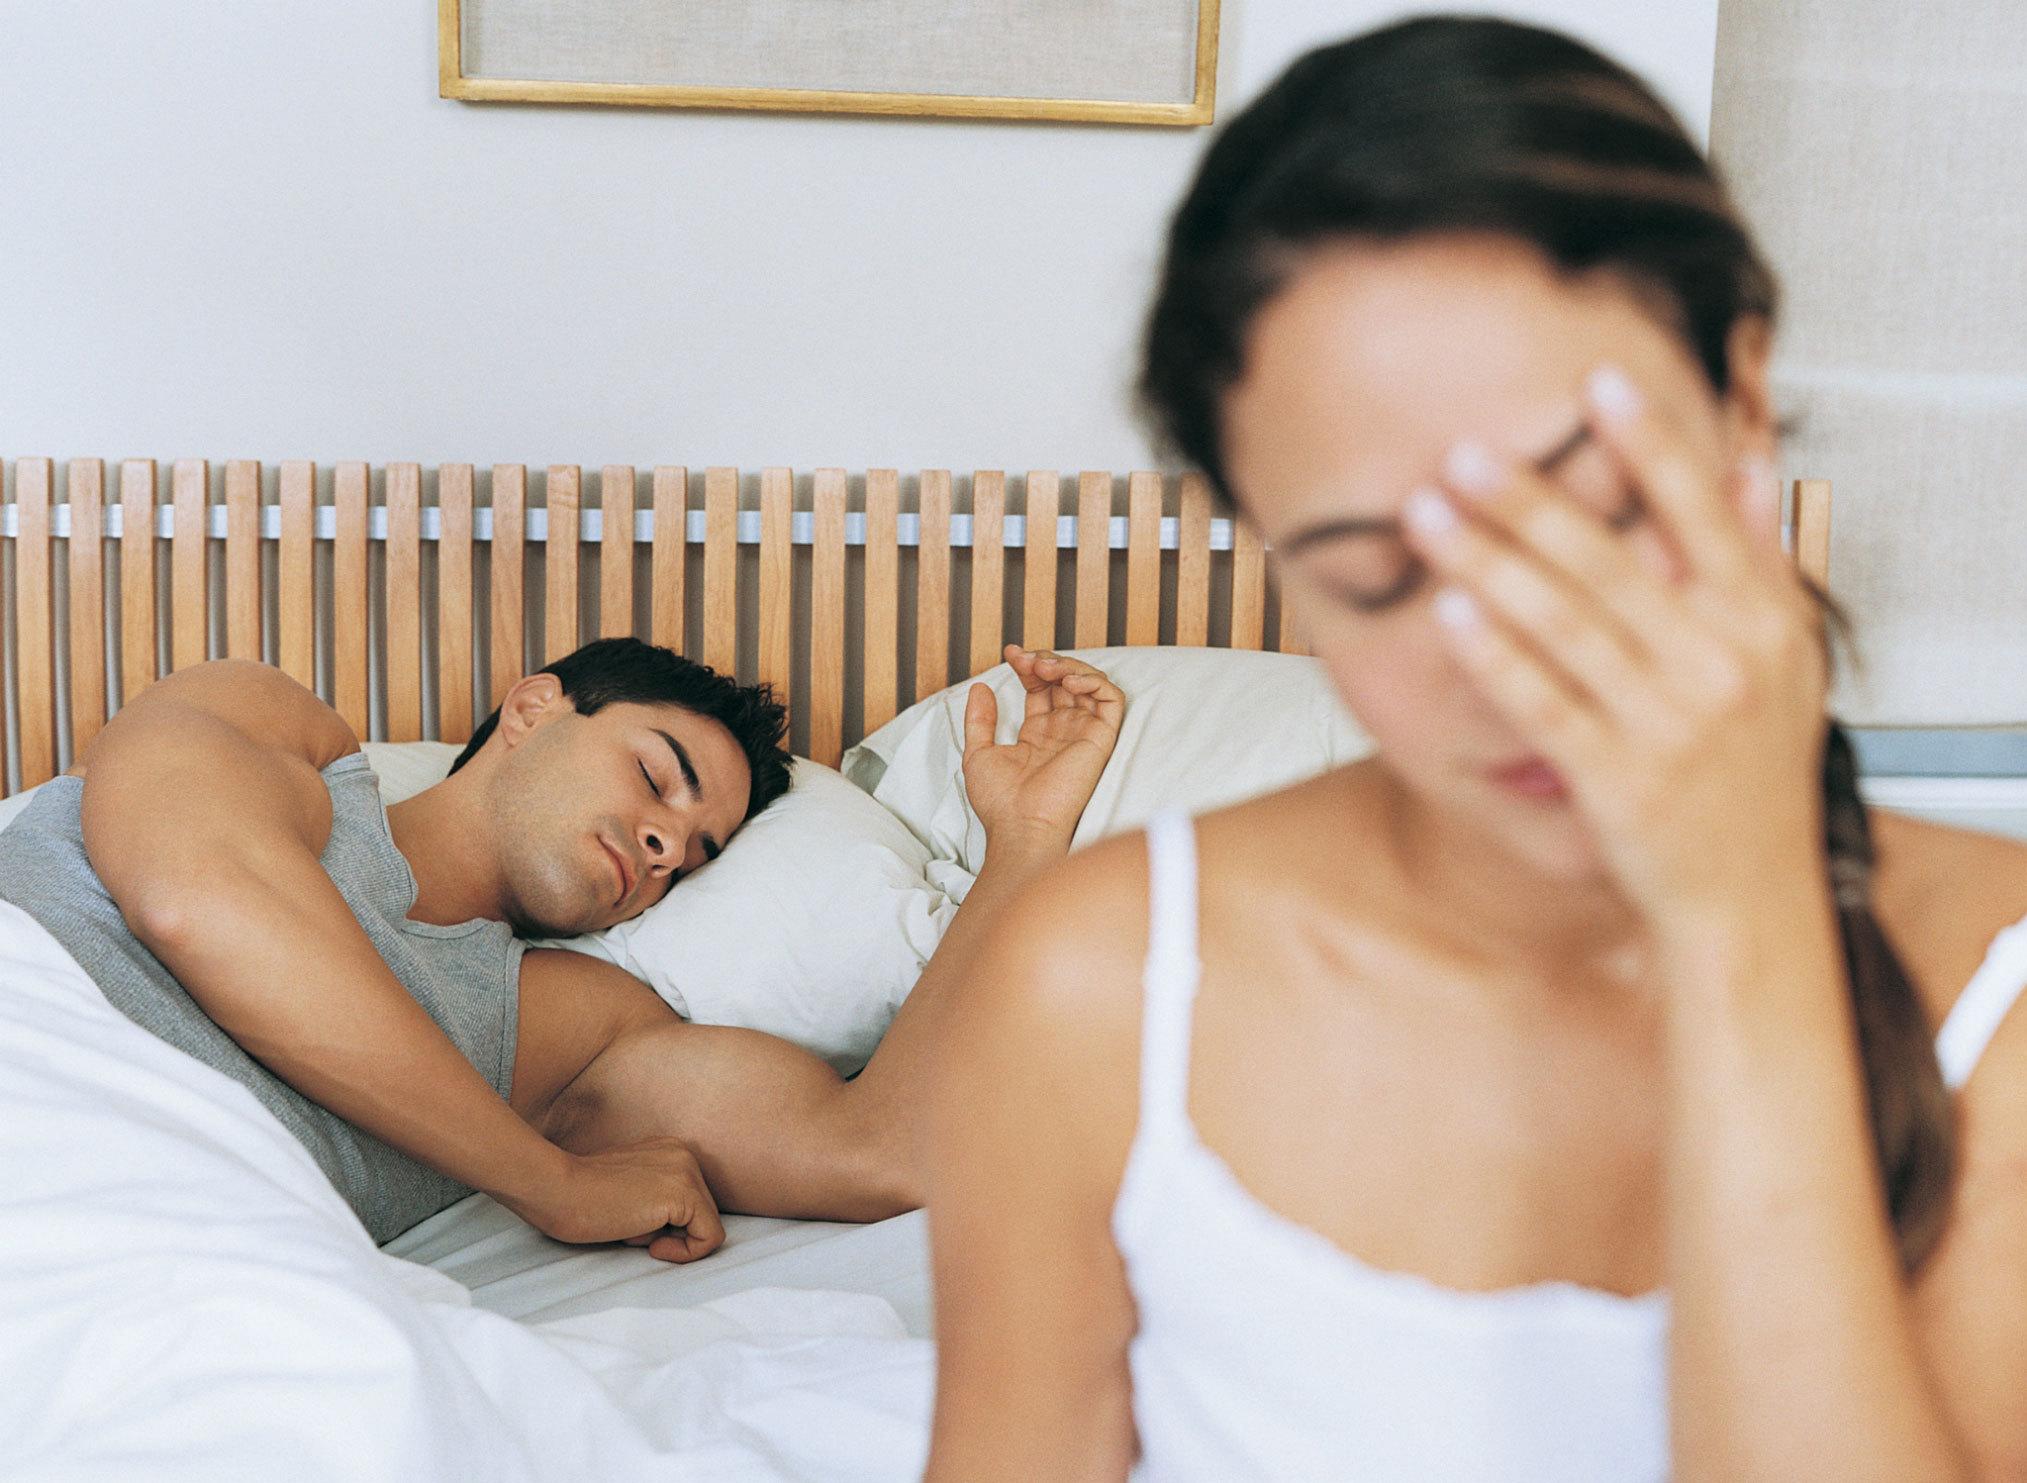 Почему нельзя заниматься сексом при лечении зппп 13 фотография